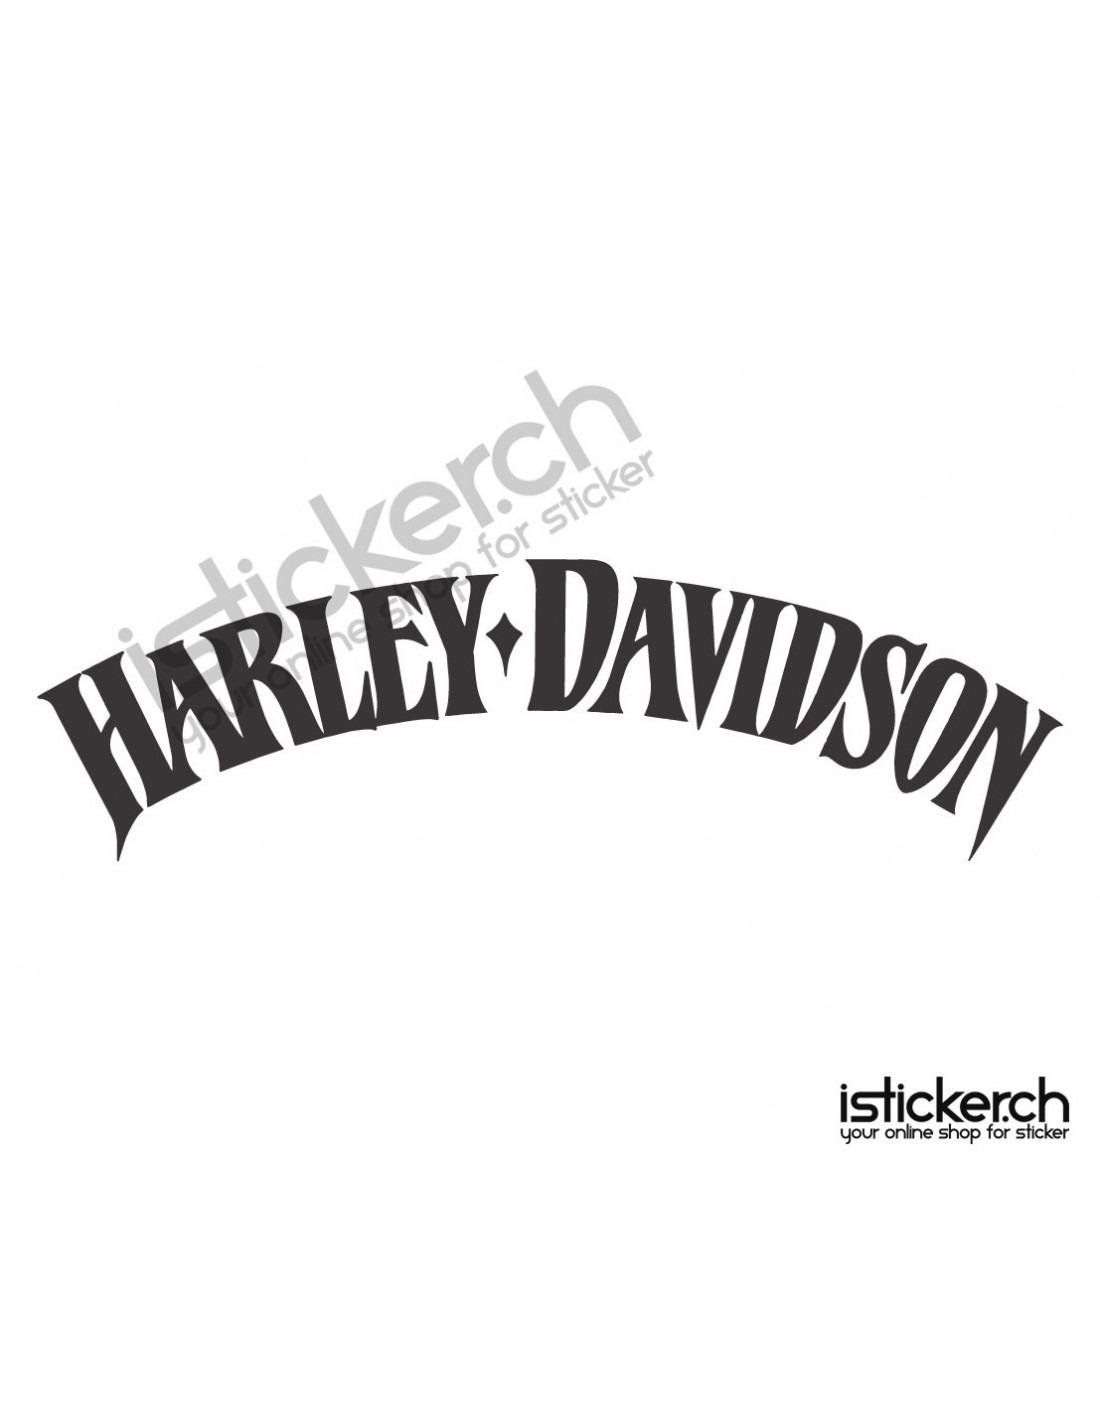 harley davidson logo 5. Black Bedroom Furniture Sets. Home Design Ideas